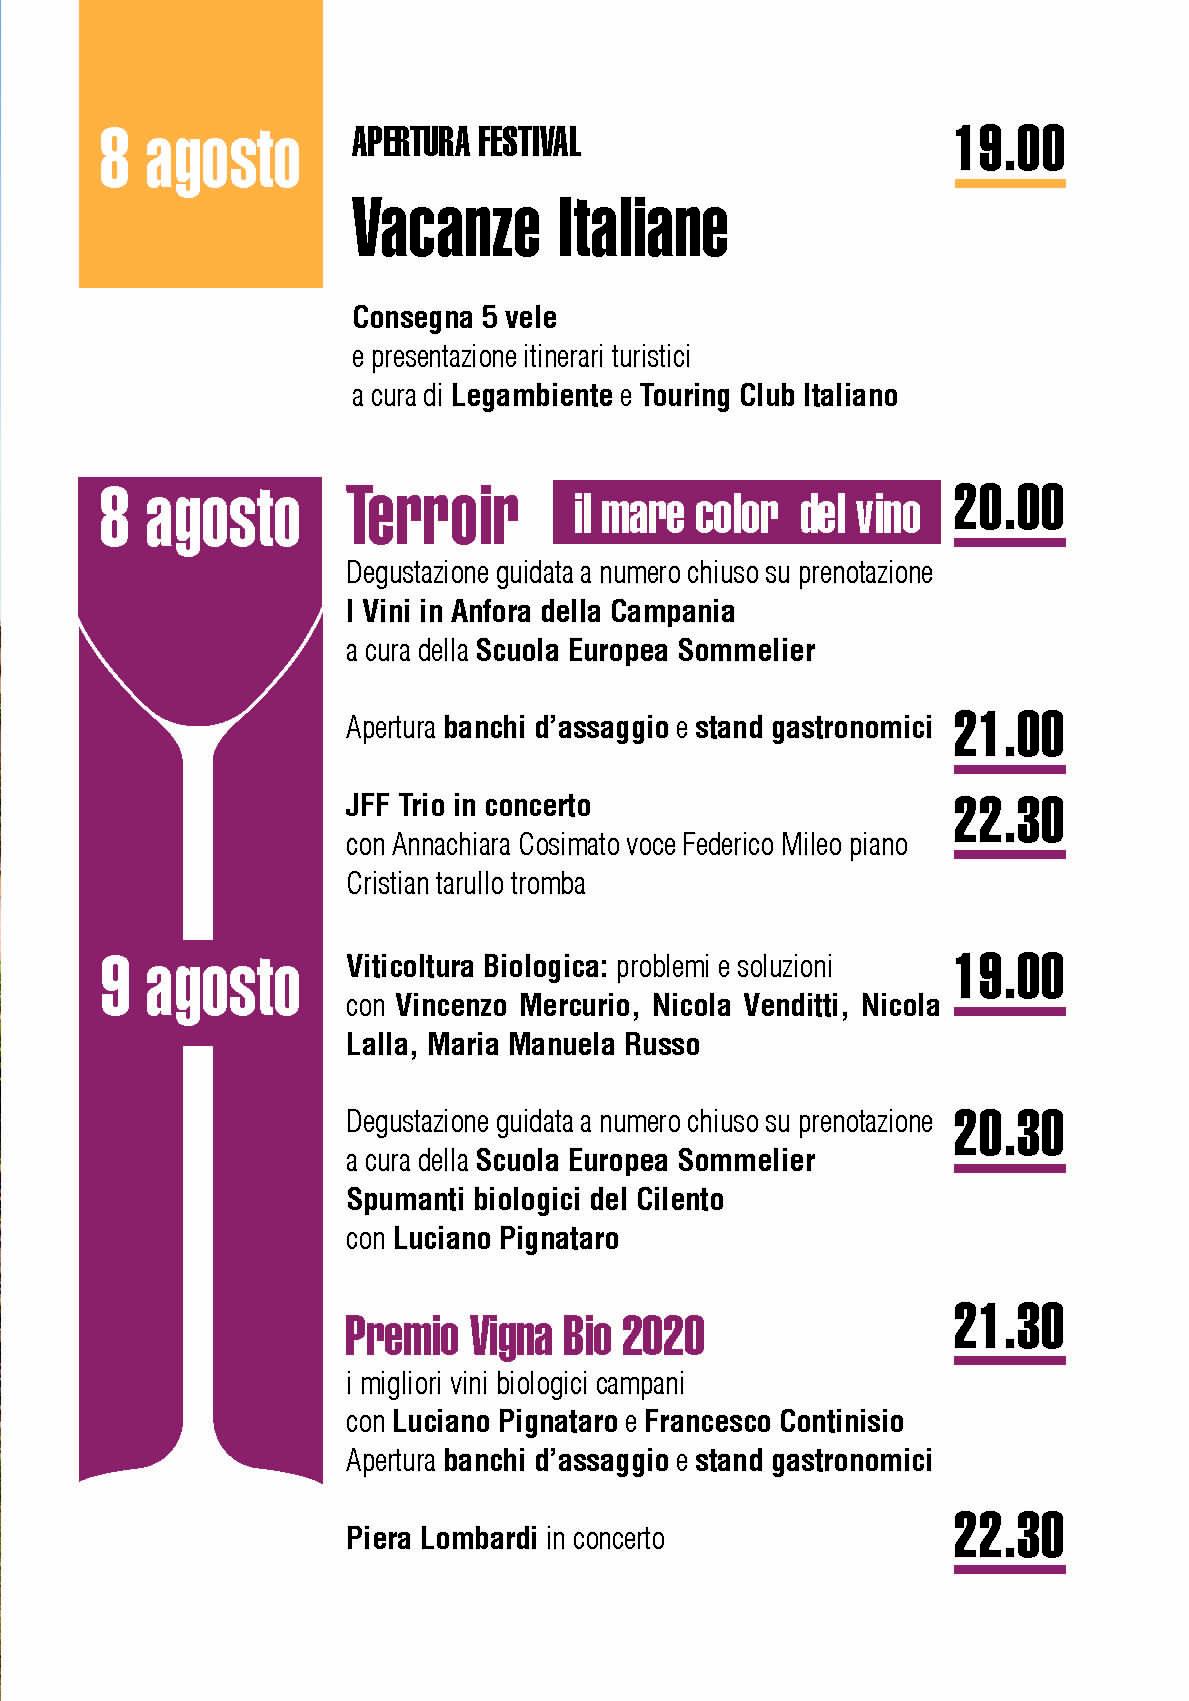 1 1 - Pioppi, 5° Festival della Dieta Mediterranea - dall'8 all'1 Settembre 2020